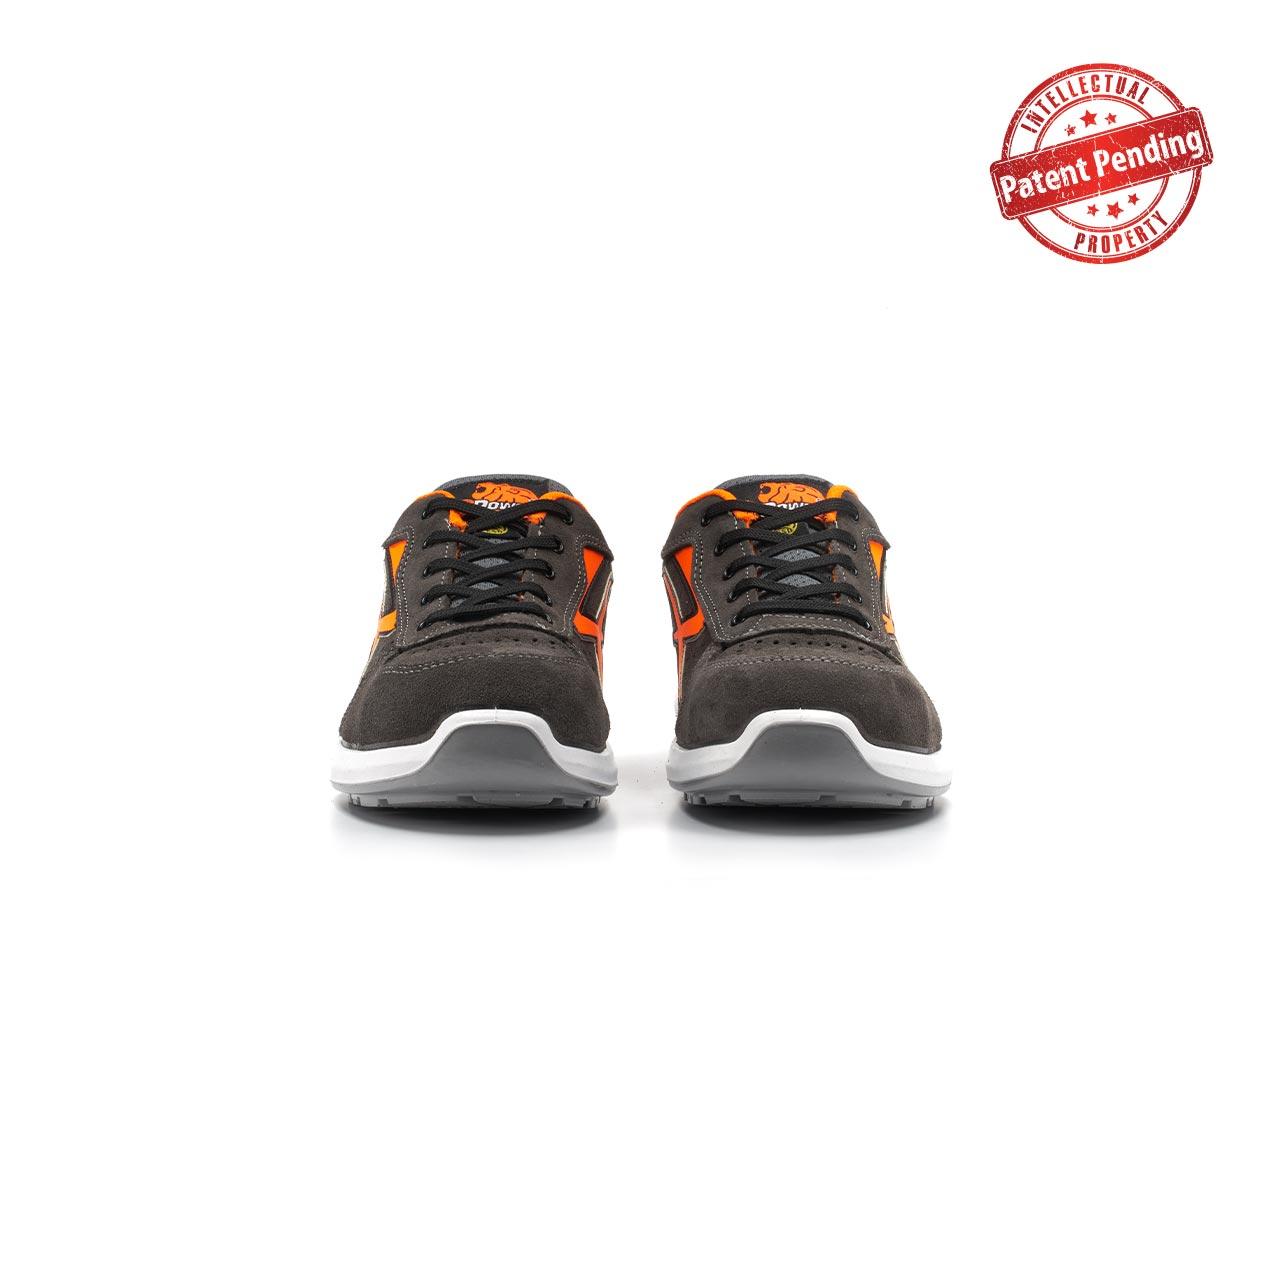 paio di scarpe antinfortunistiche upower modello sirio linea redup vista frontale